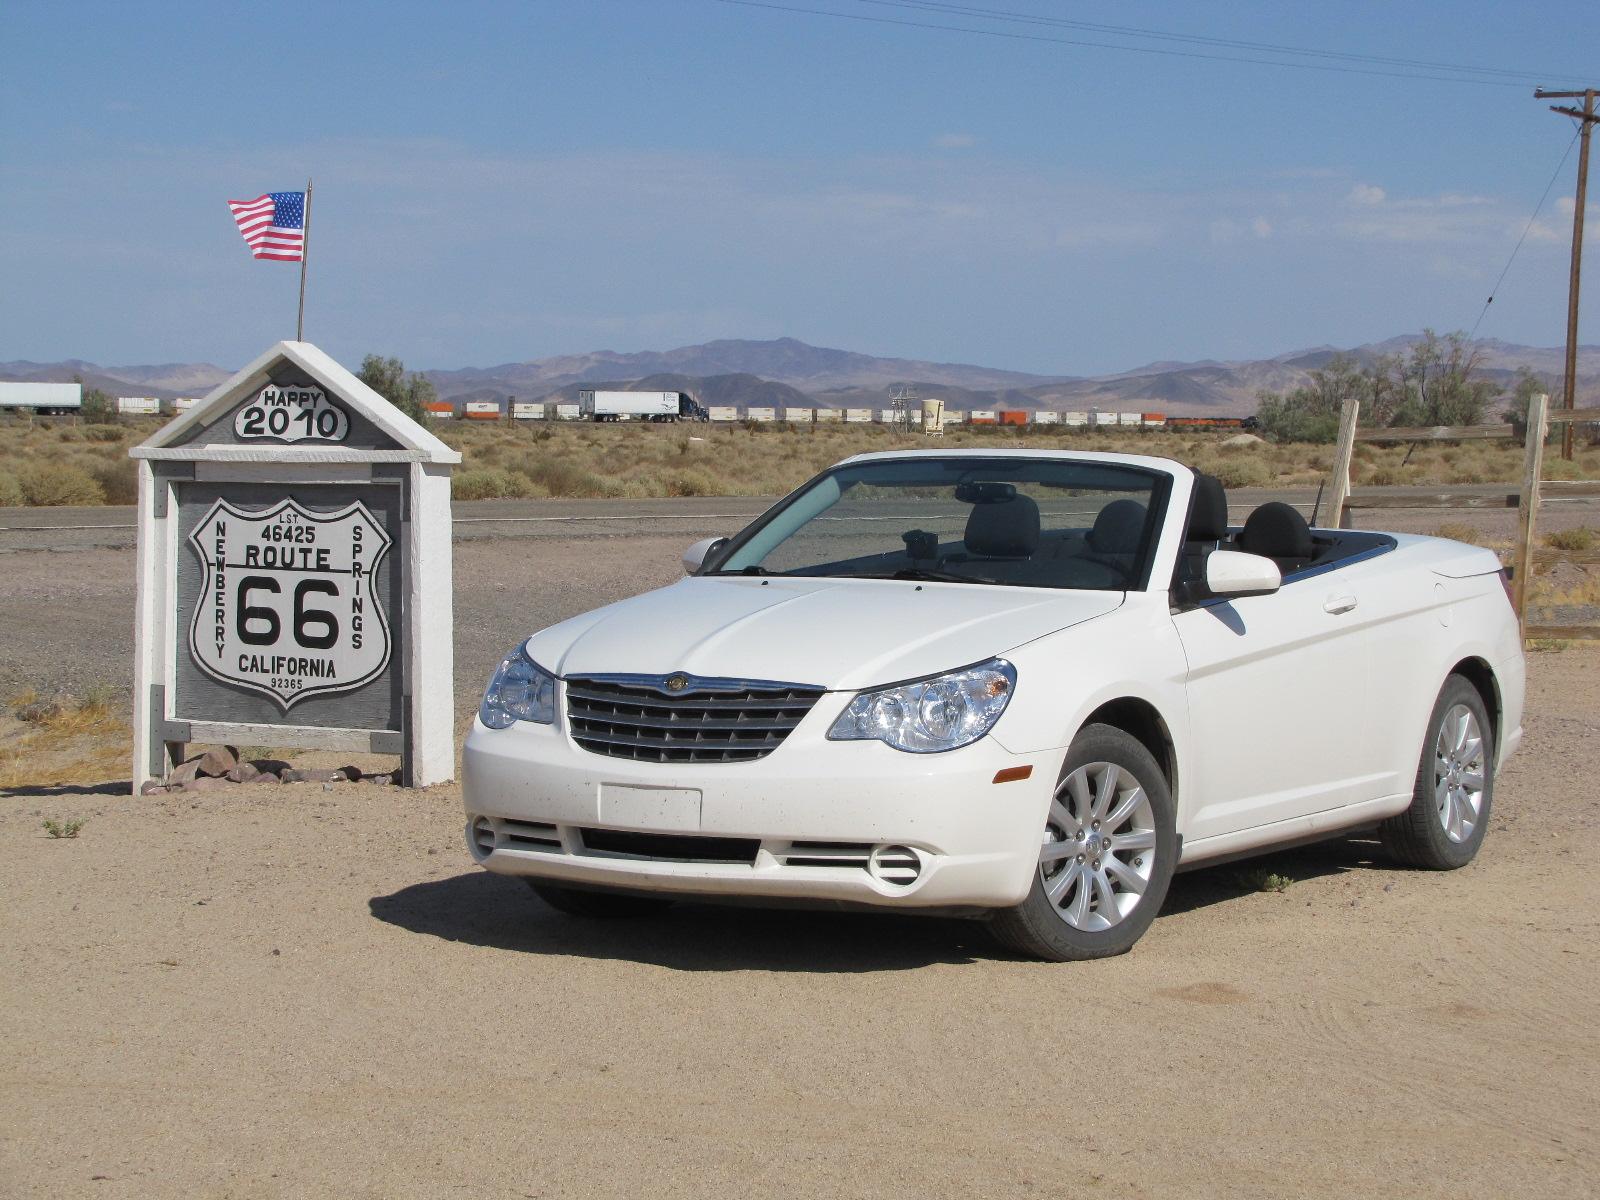 une vraie pub pour Chrysler